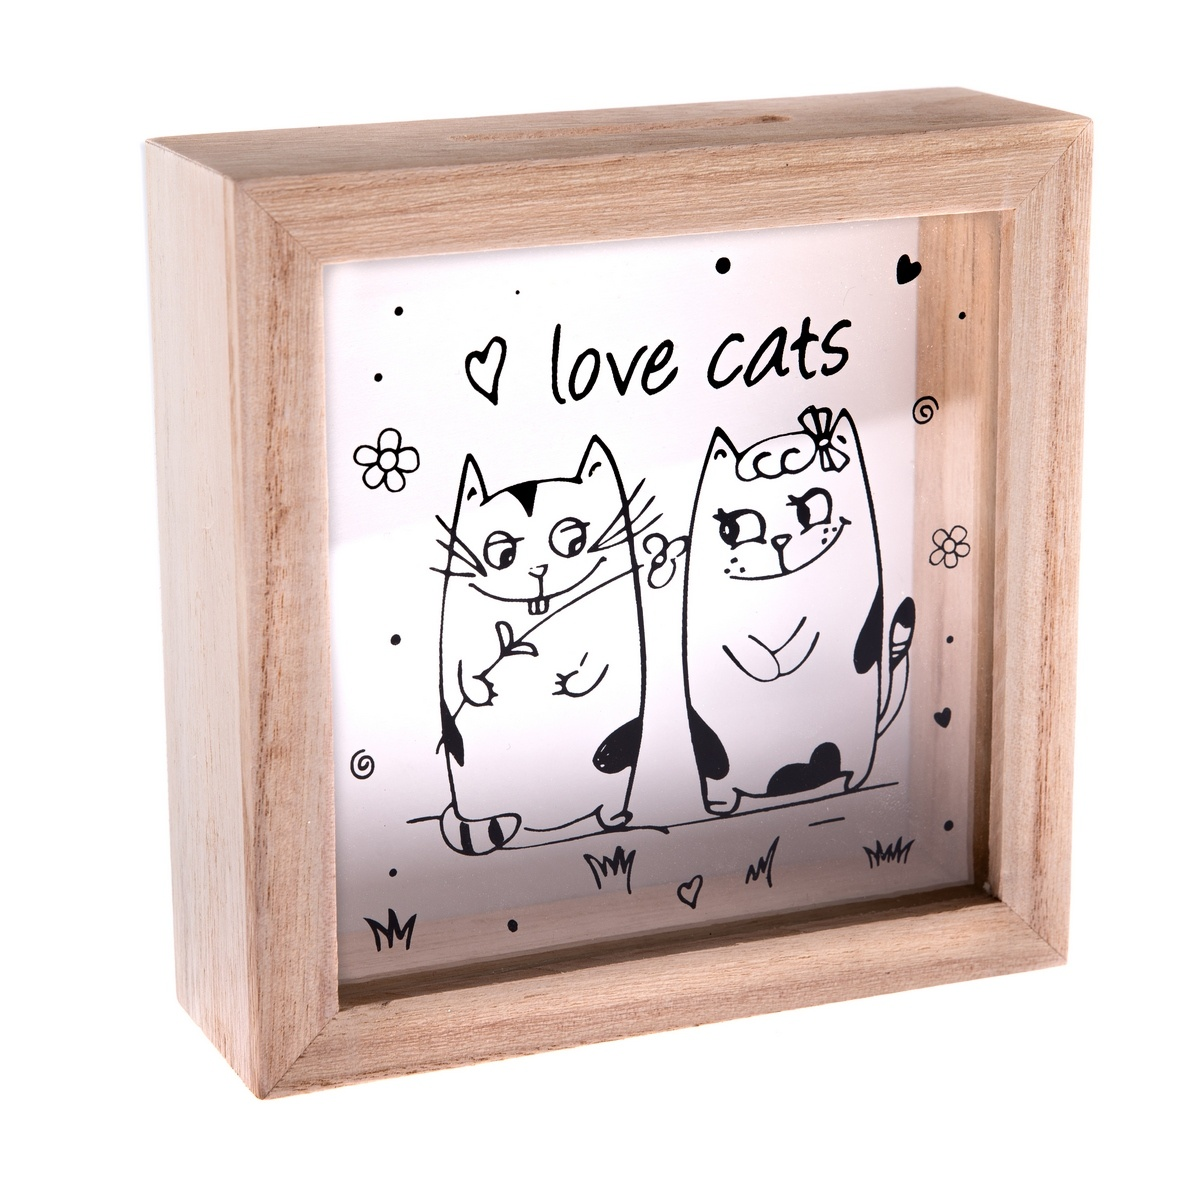 Drevená pokladnička Love Cats, 15x 15 x 5 cm,